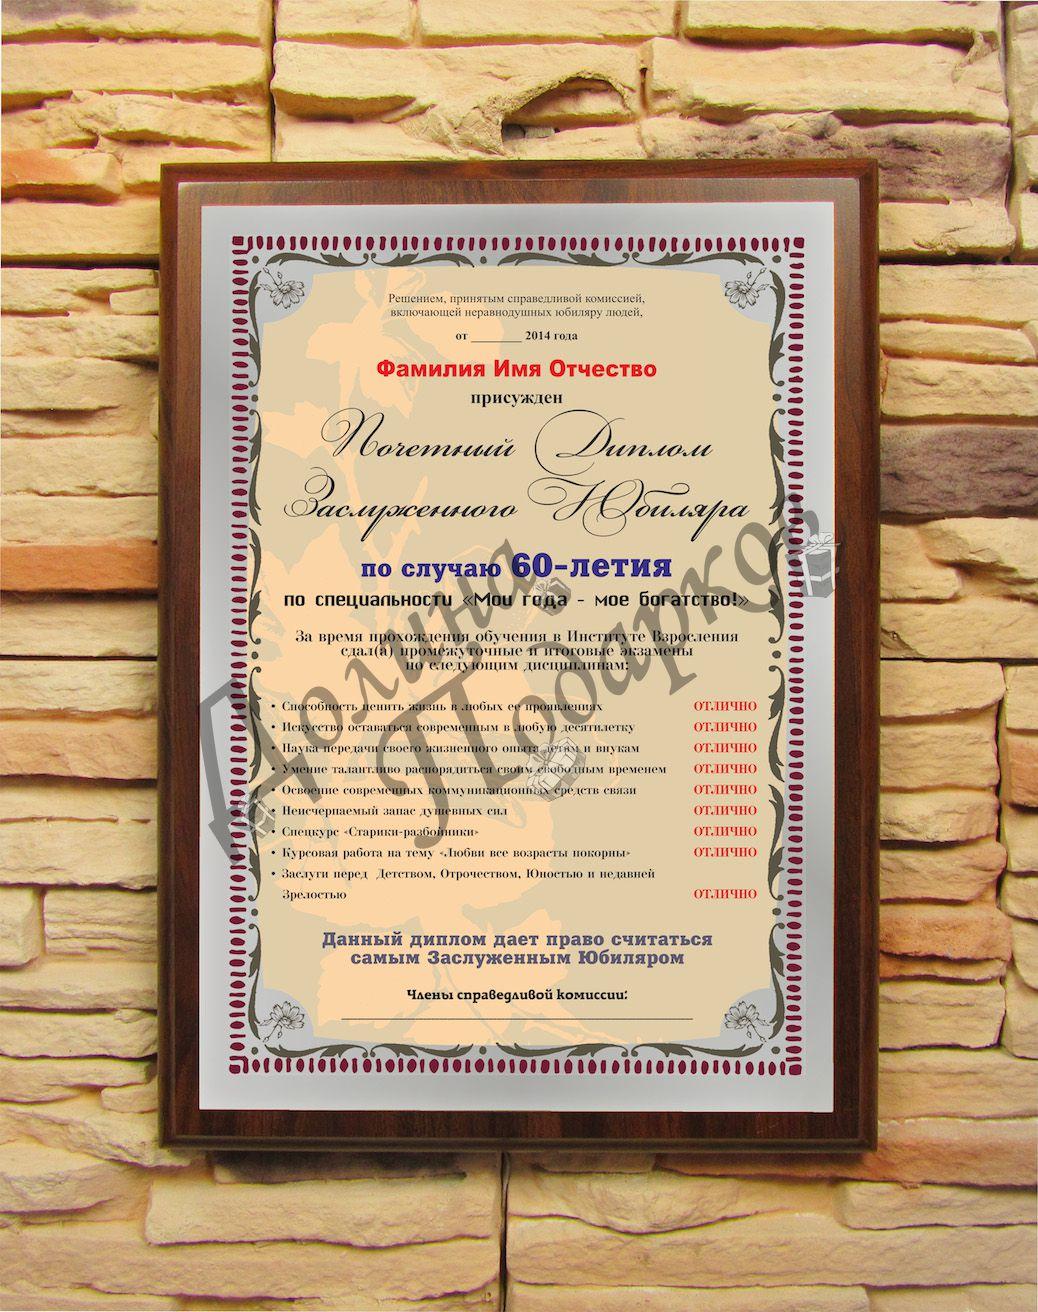 Подарочный диплом (плакетка) *Почетный диплом заслуженного юбиляра на 60-летие*